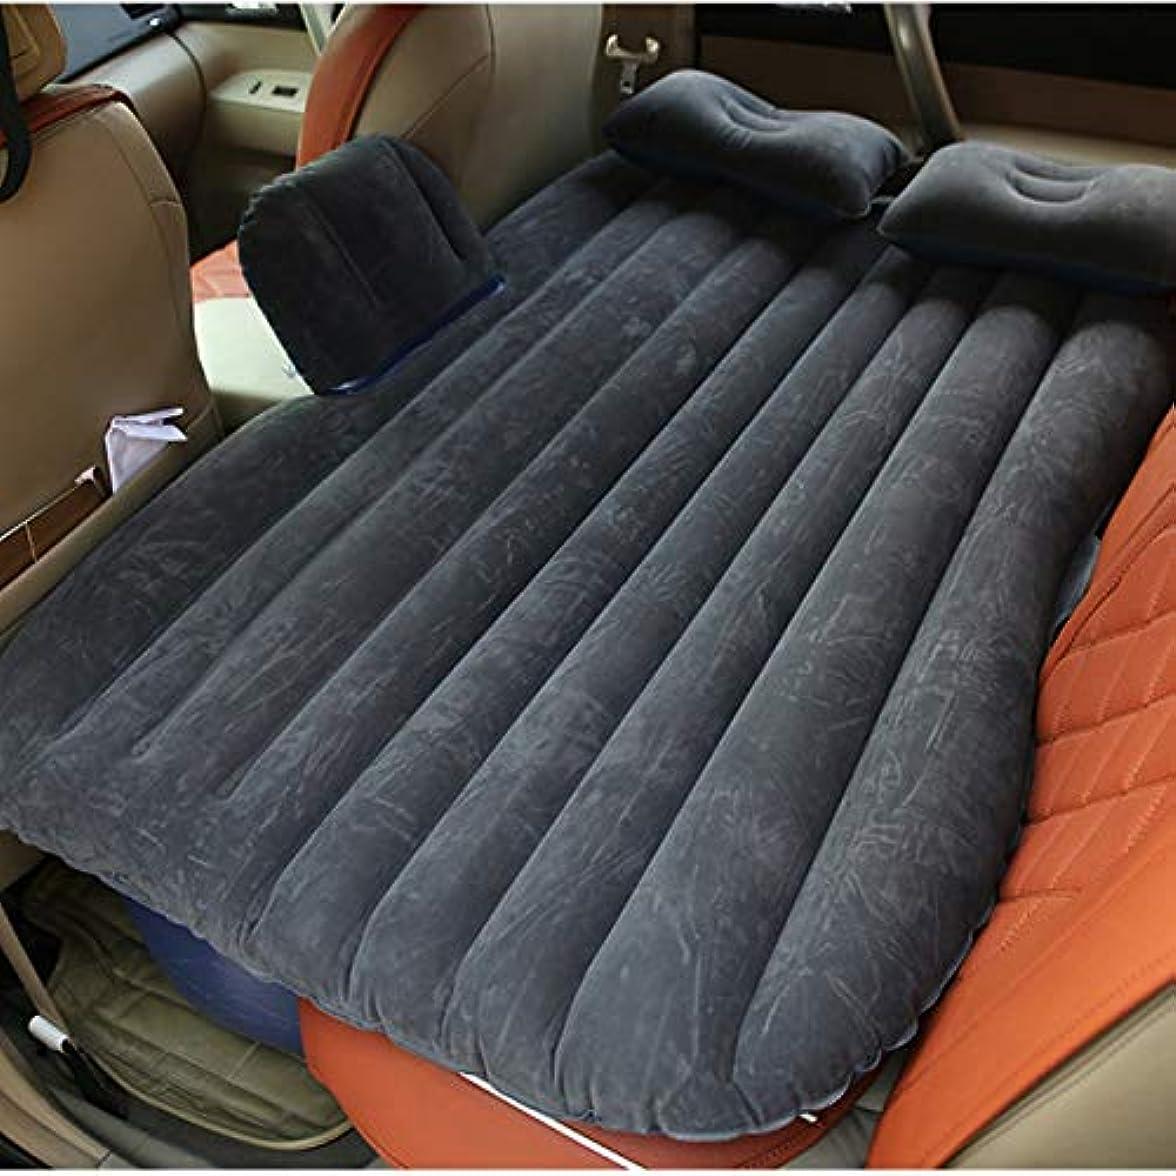 アンタゴニストそのような蜜Saikogoods 車内用大型耐久性に優れたカーバックシートカバーカーエアマットレス旅行ベッド防湿インフレータブルマットレスエアーベッド 黒